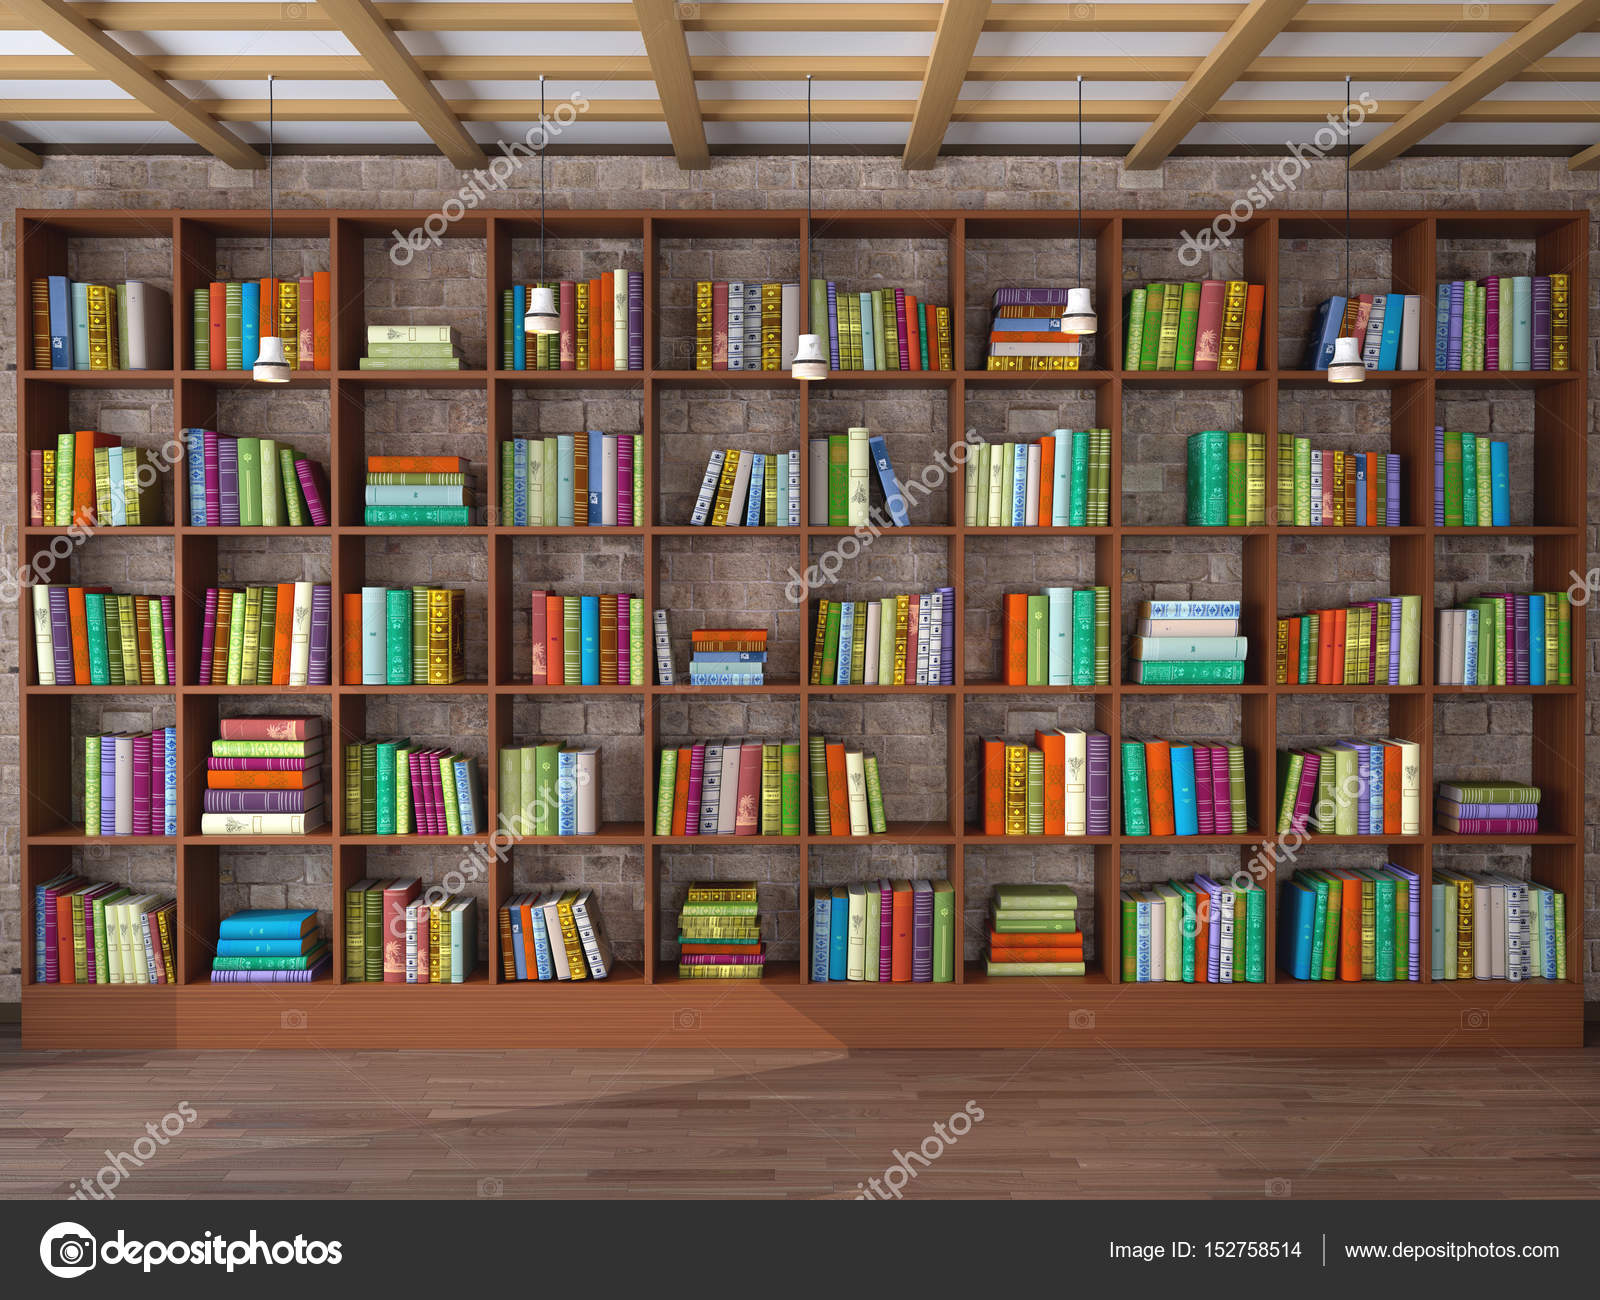 De Bibliotheek Kamer : Houten planken in de kamer met verschillende boeken bibliotheek